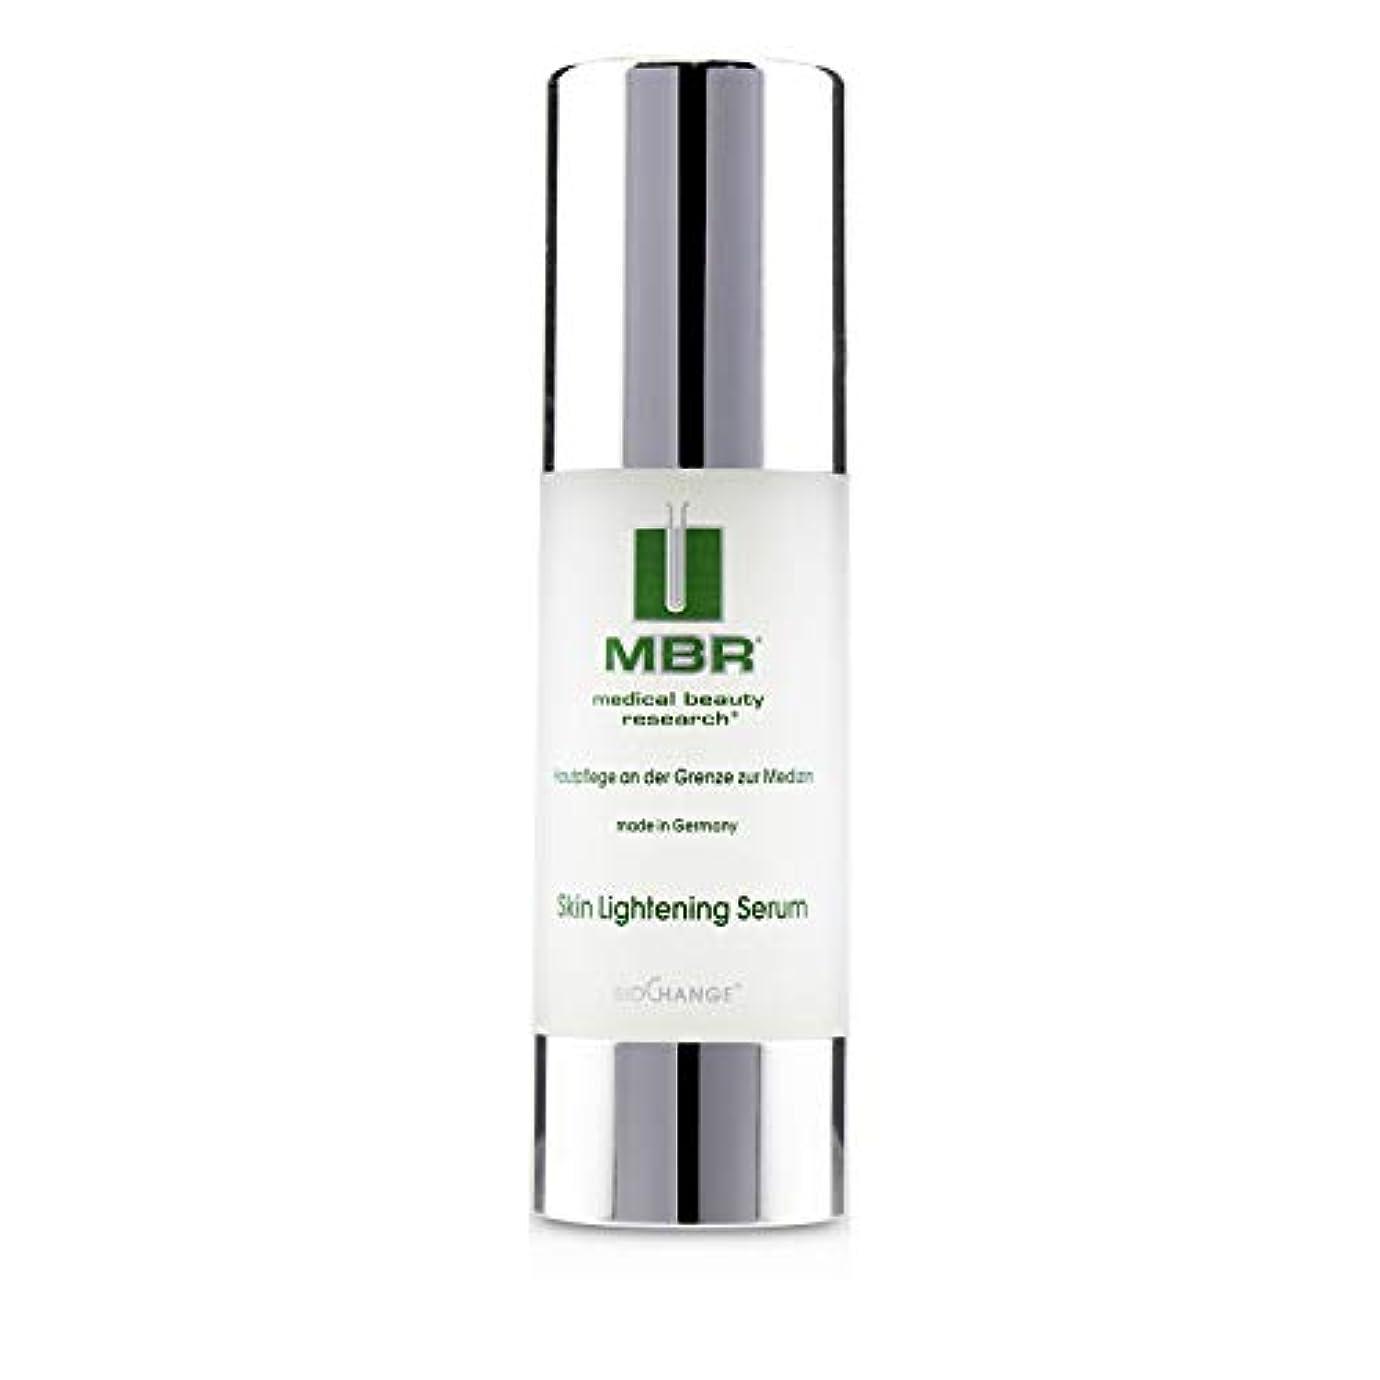 振りかけるどこでも手当MBR Medical Beauty Research BioChange Skin Lightening Serum 30ml/1oz並行輸入品